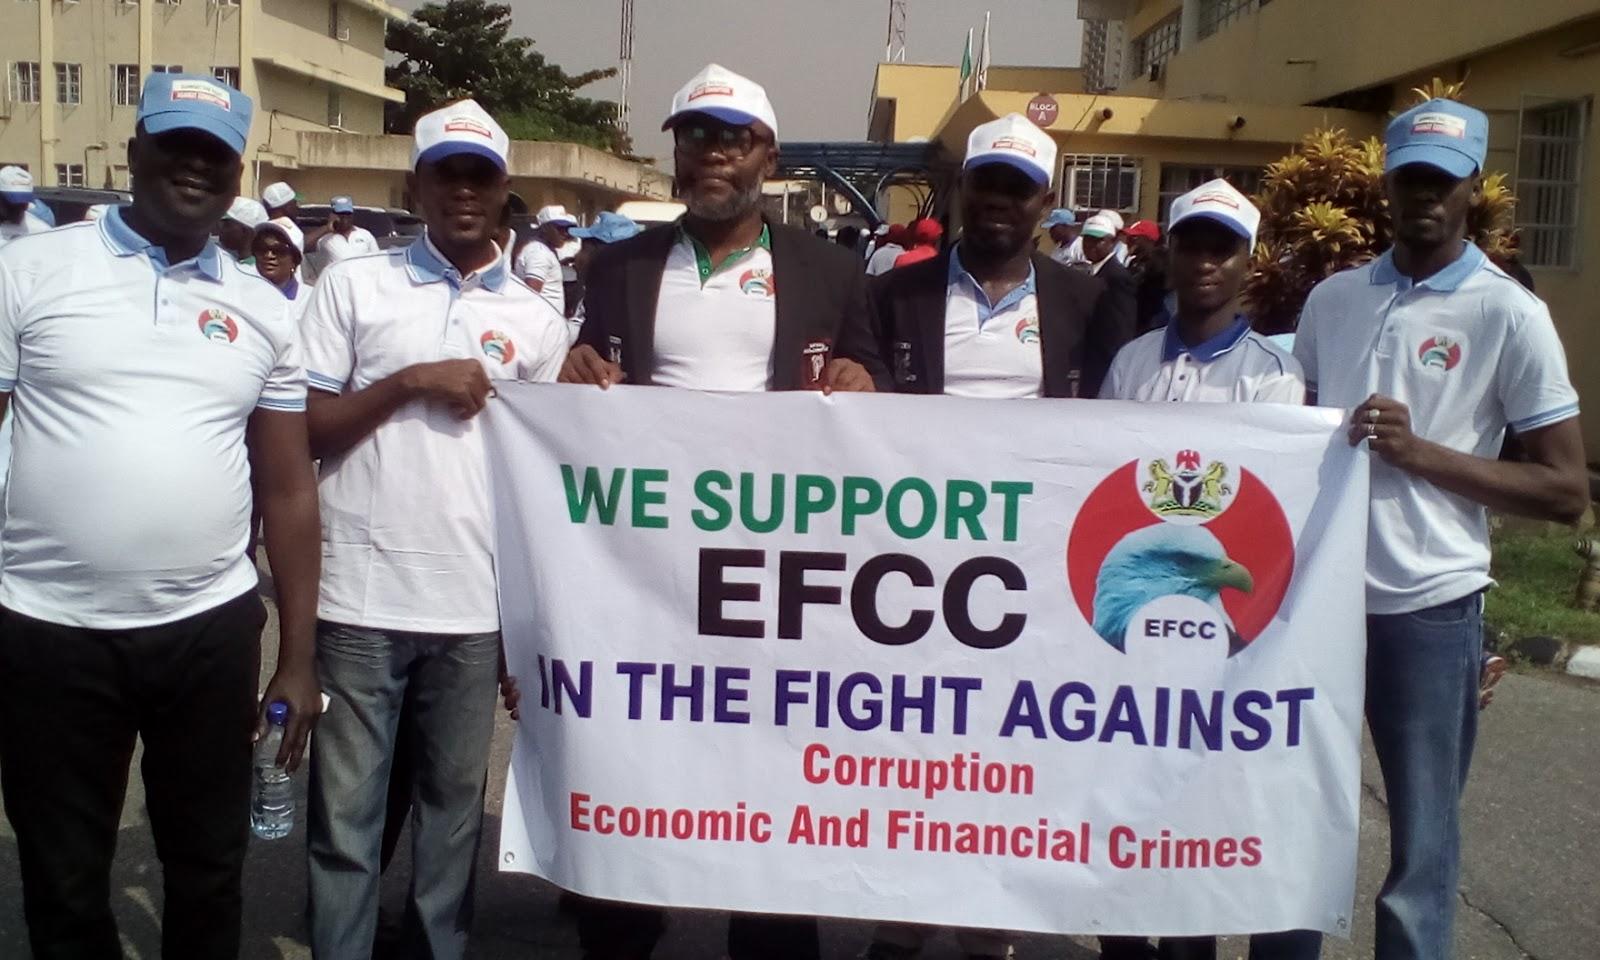 Нигерия была названа самой коррумпированной в мире, согласно данным рейтинга